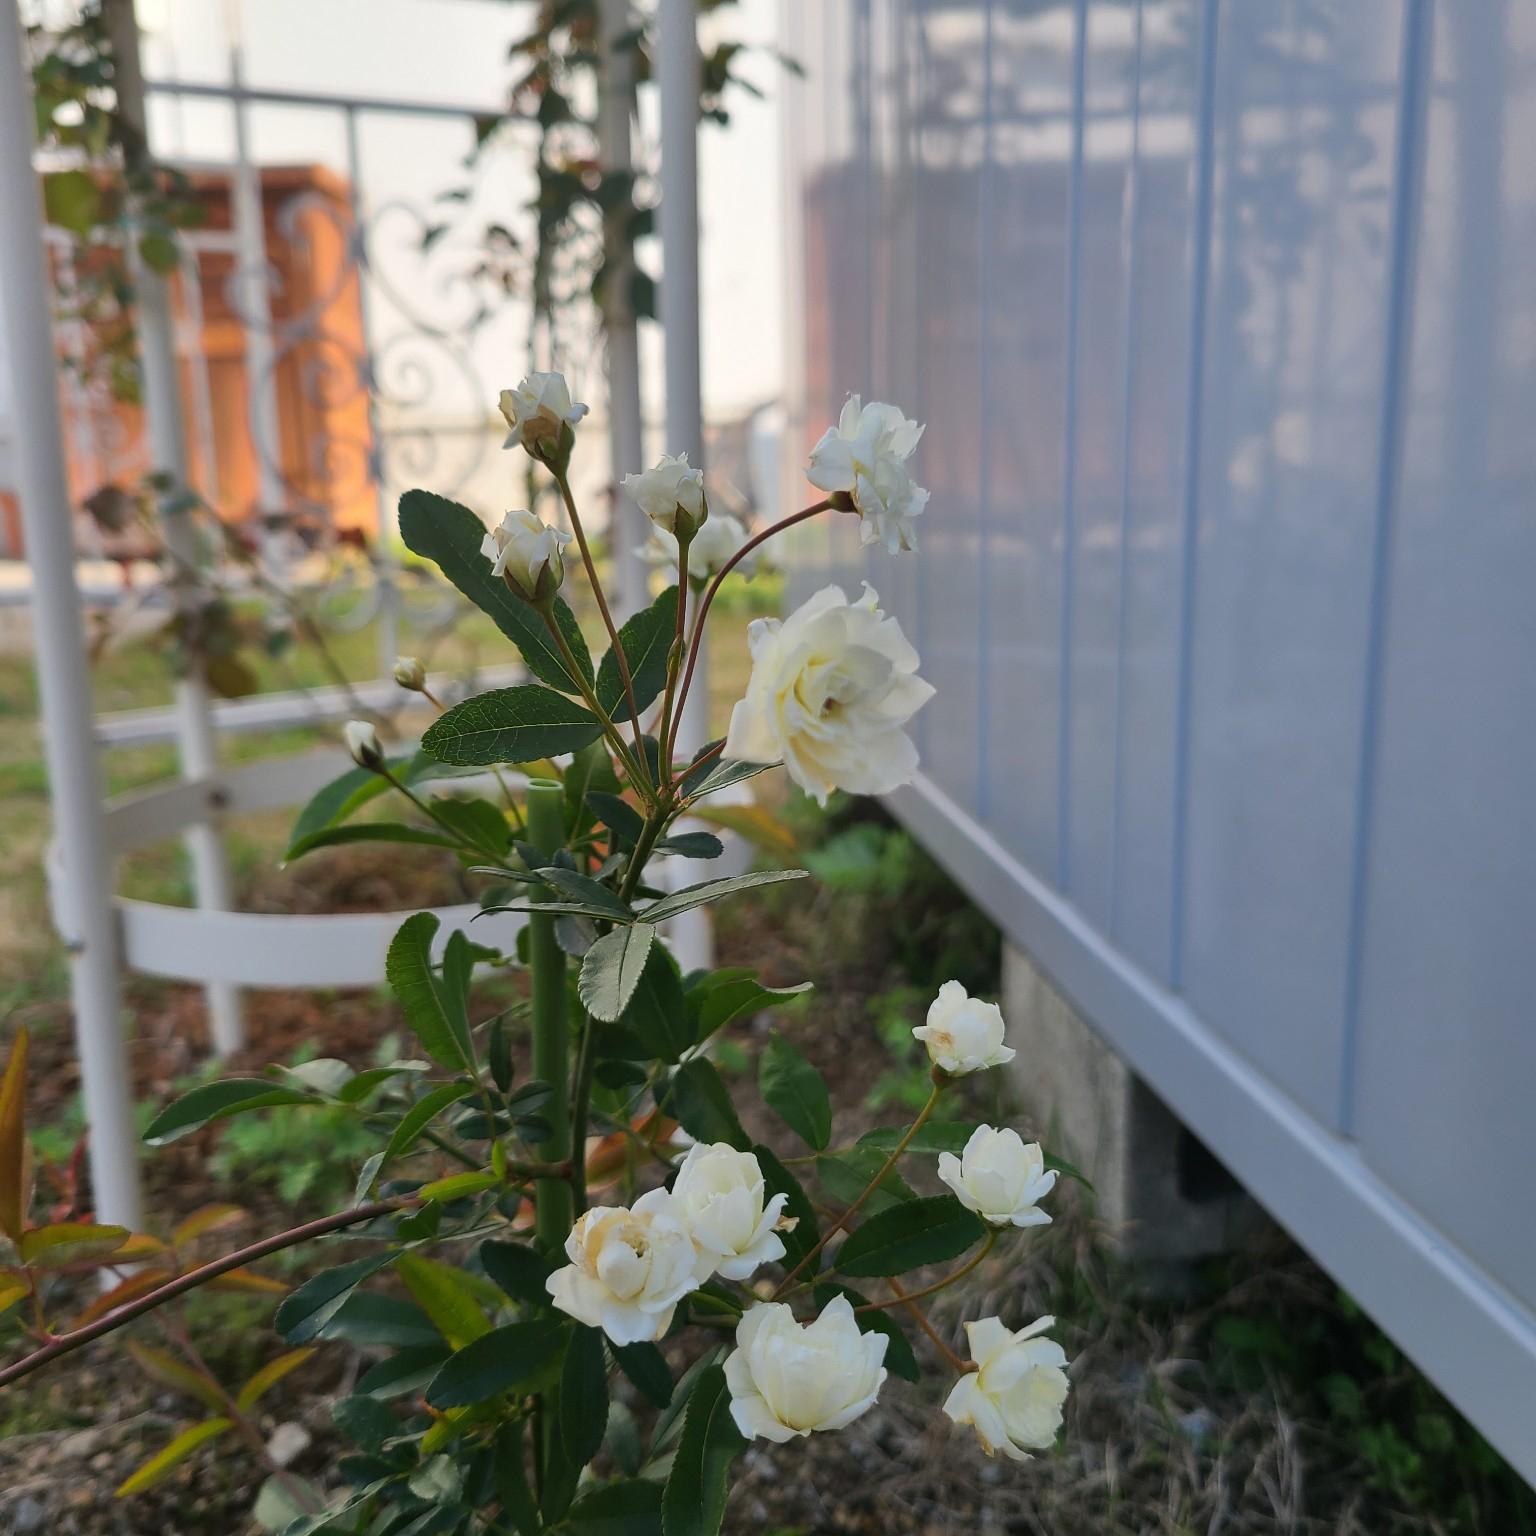 玄関/入り口/庭/植物のある暮らし/モッコウバラ/モッコウバラ白...などのインテリア実例 - 2021-04-22 08:02:43